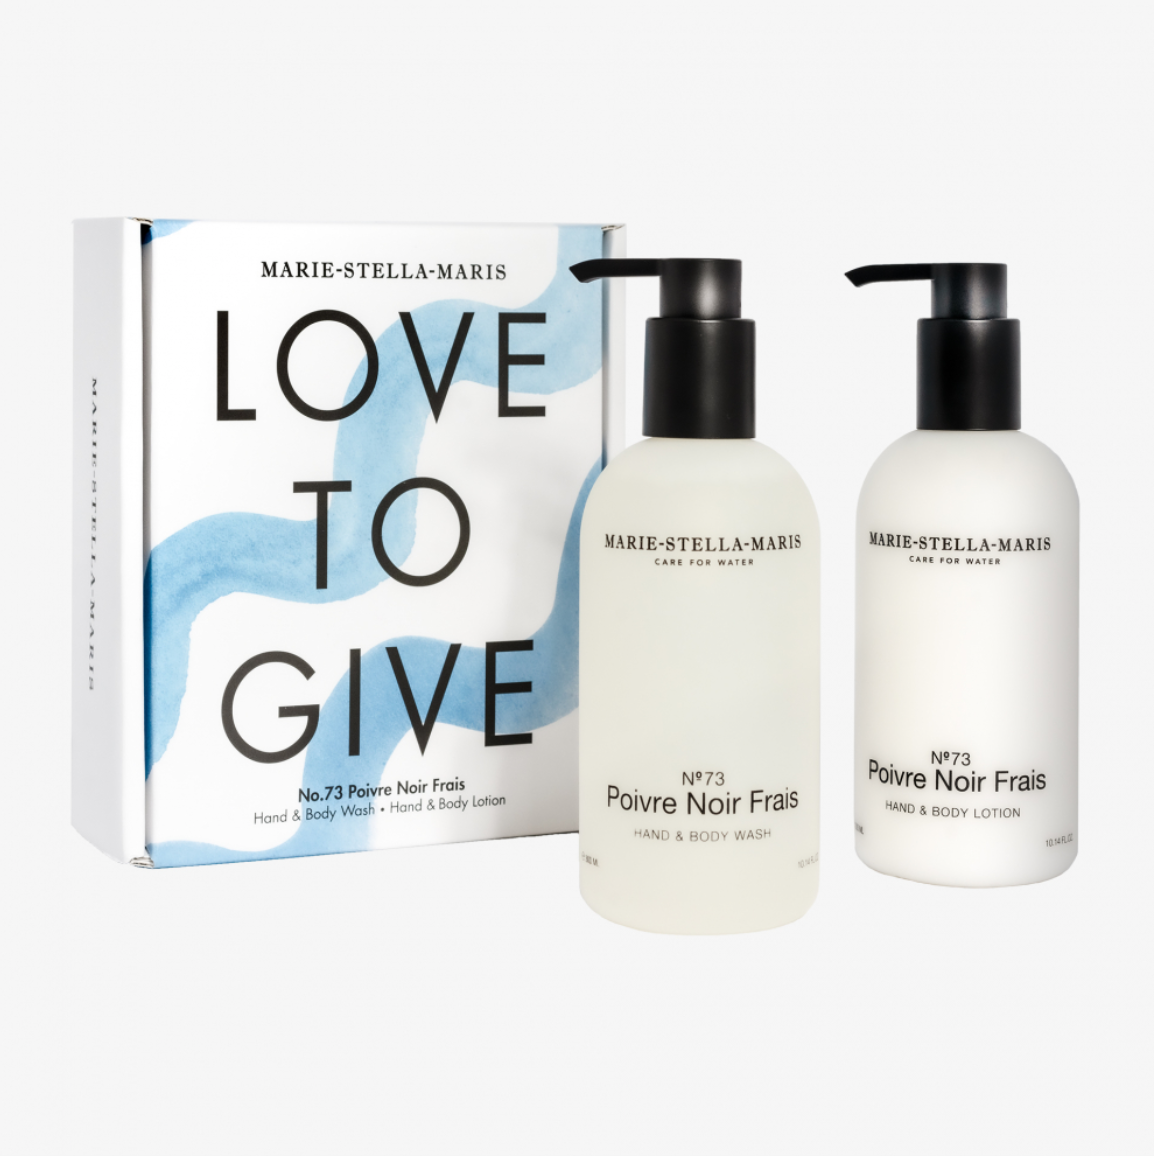 Love to give Poivre noir frais-1